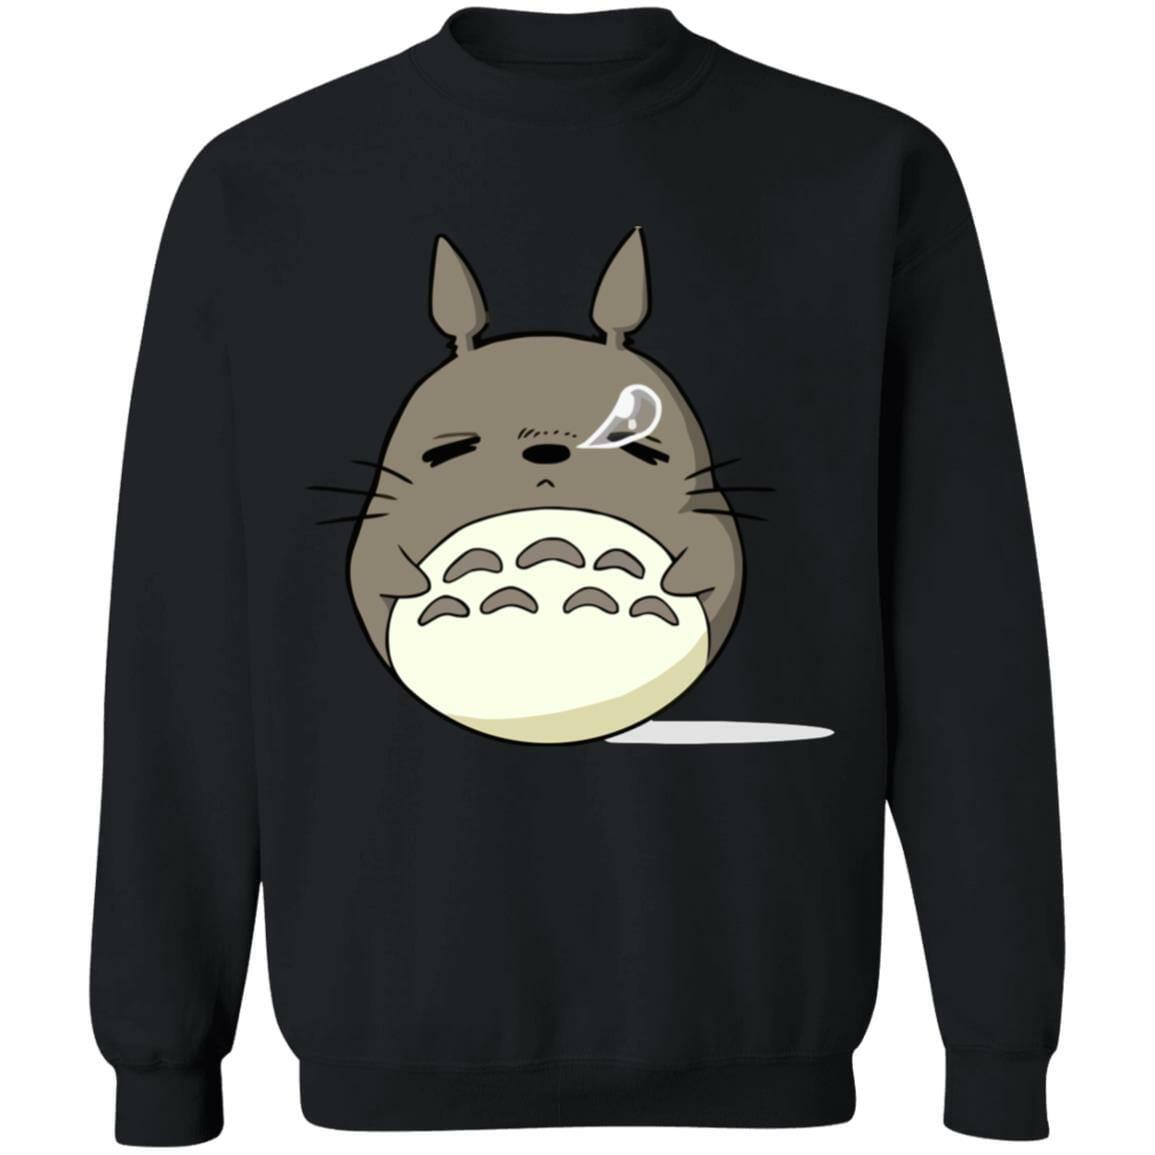 Sleepy Totoro Sweatshirt